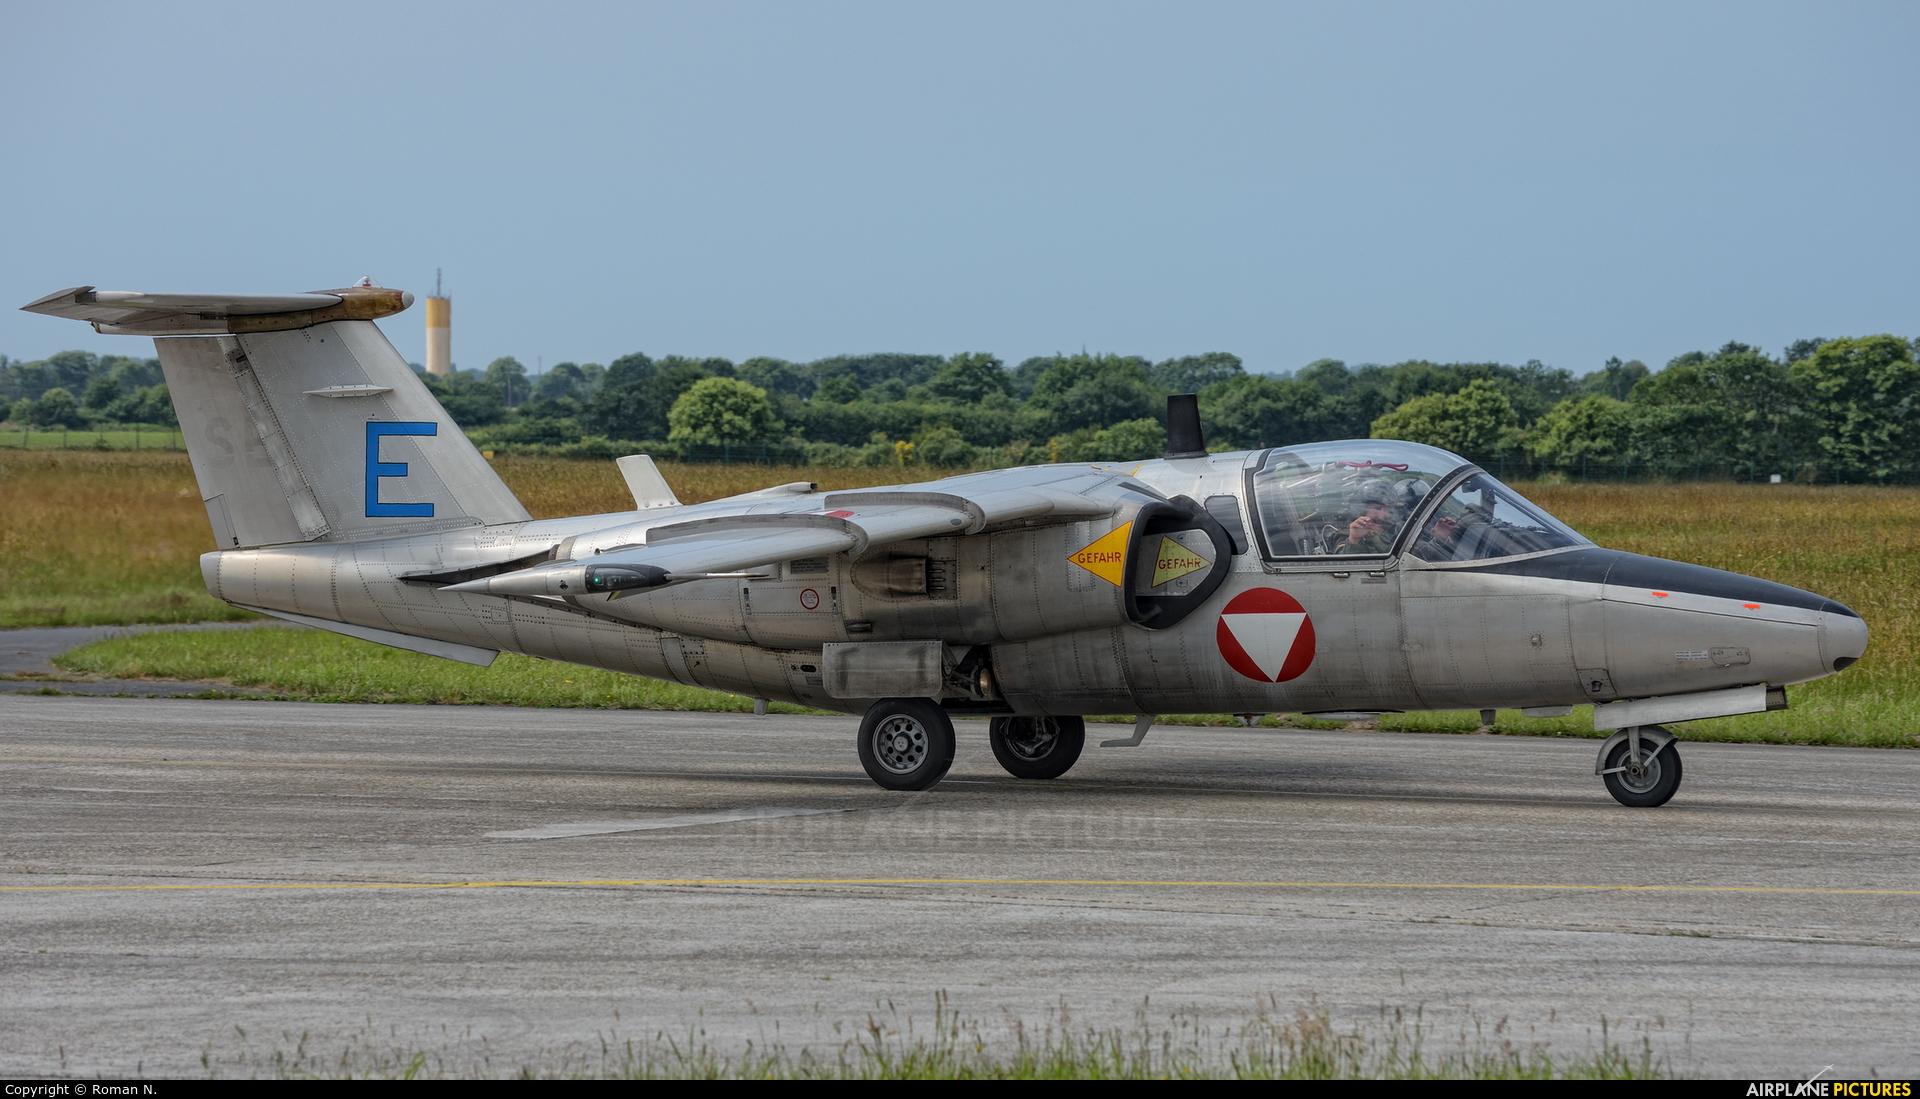 Austria - Air Force 1135 aircraft at Landivisiau